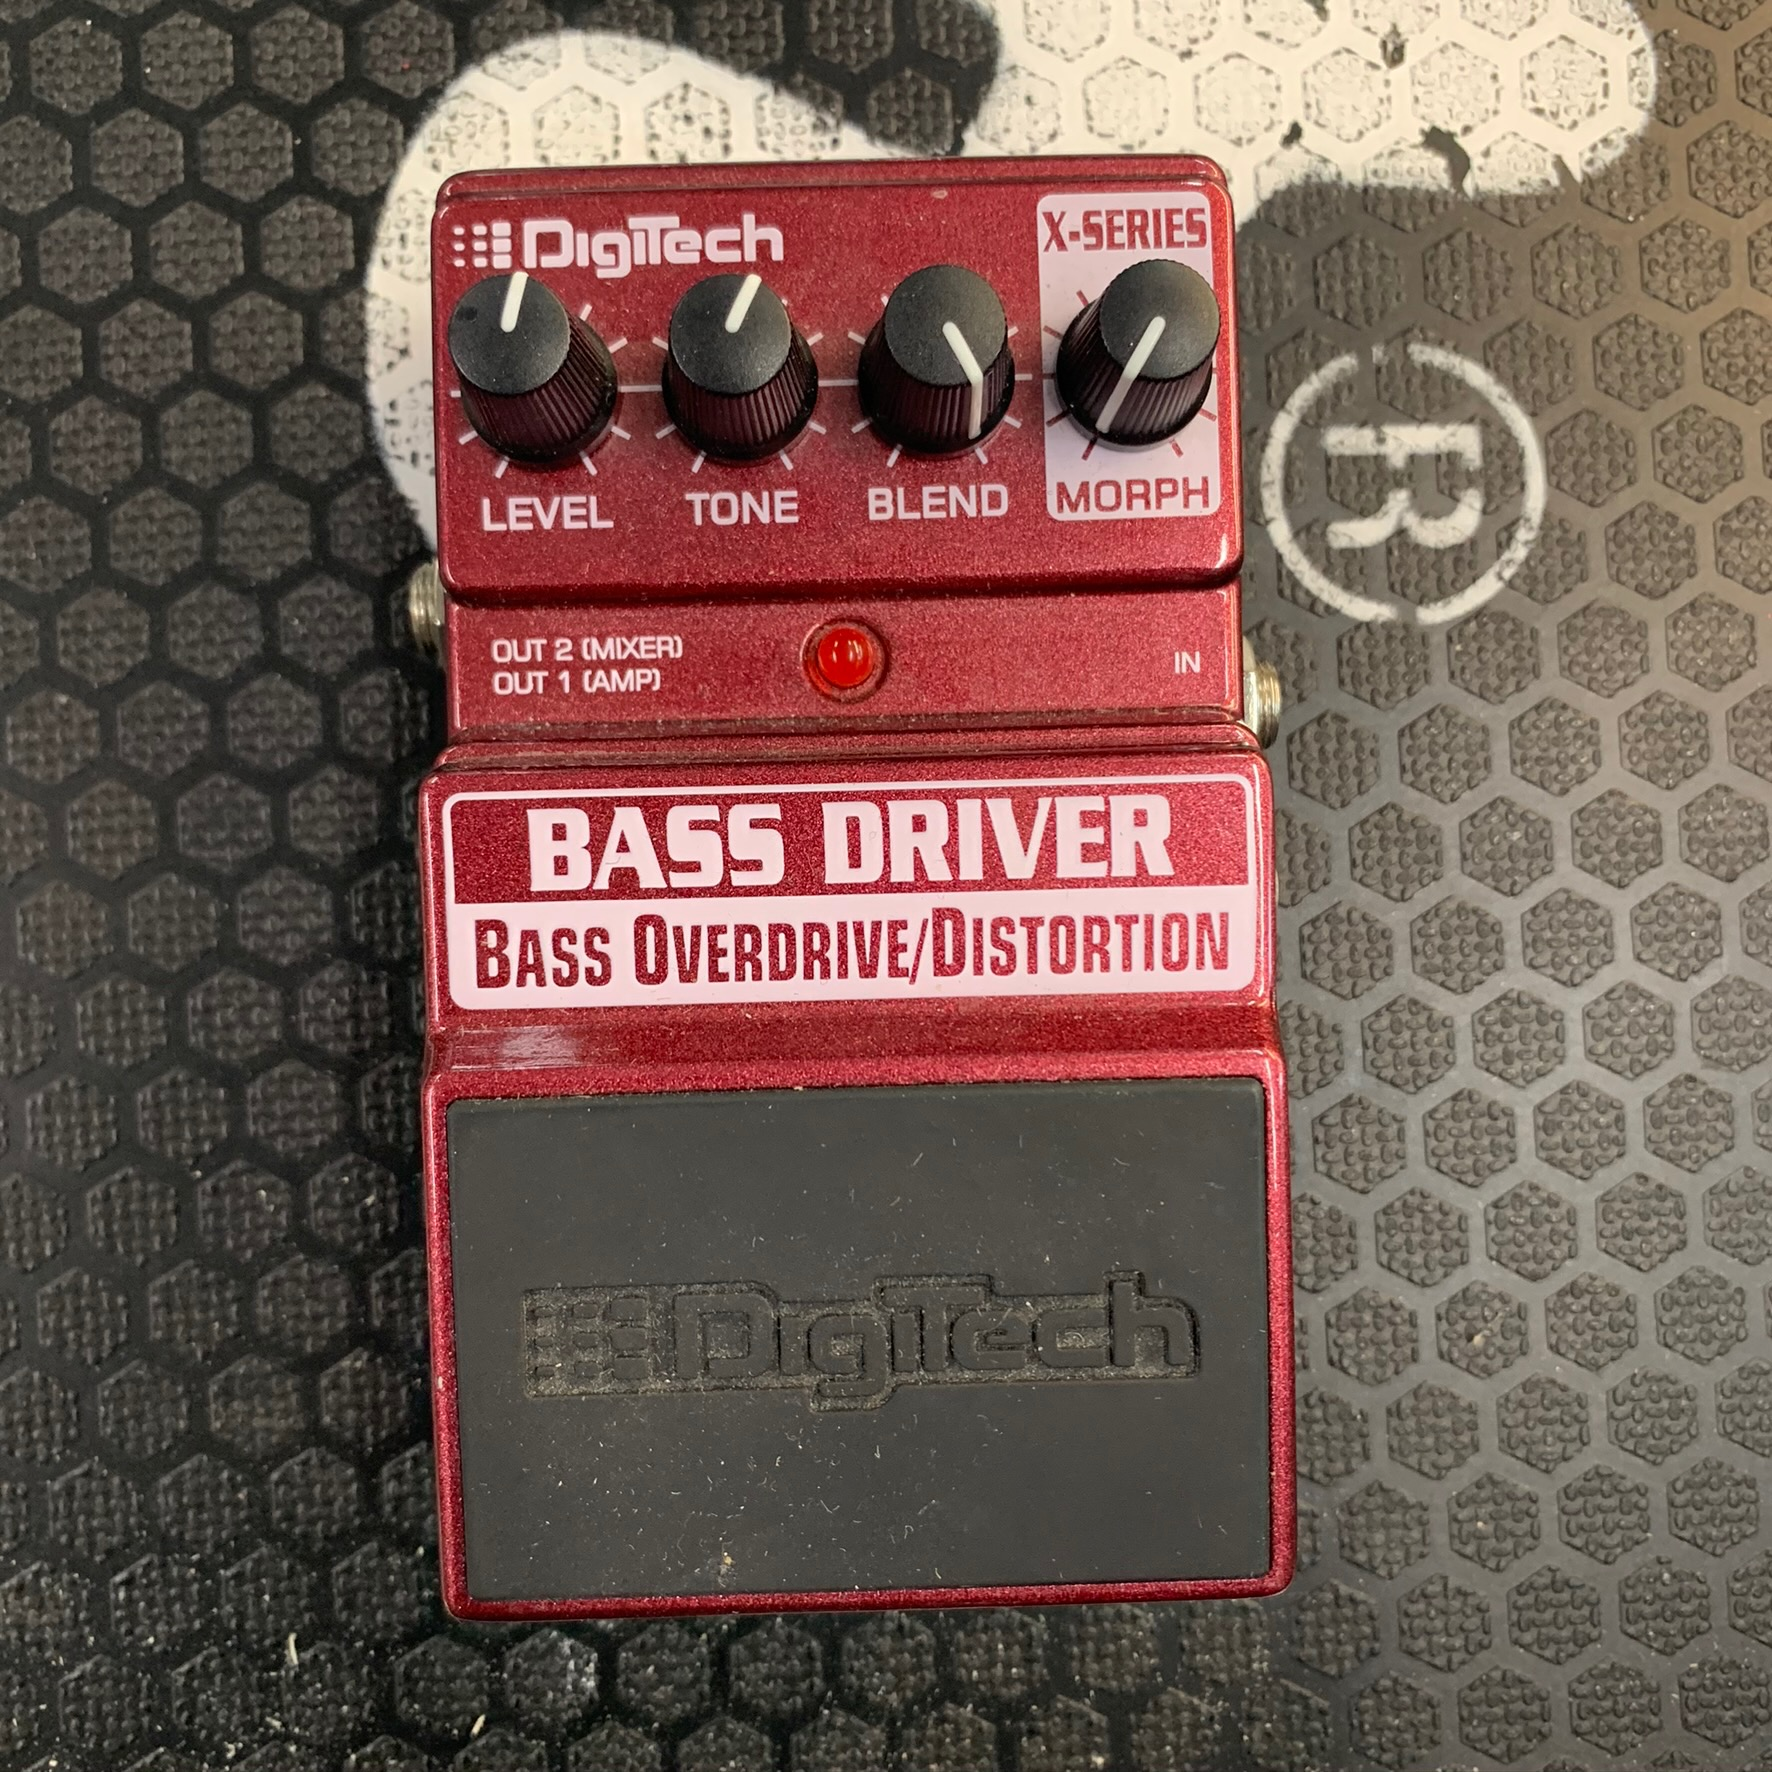 Digitech x-series bass driver